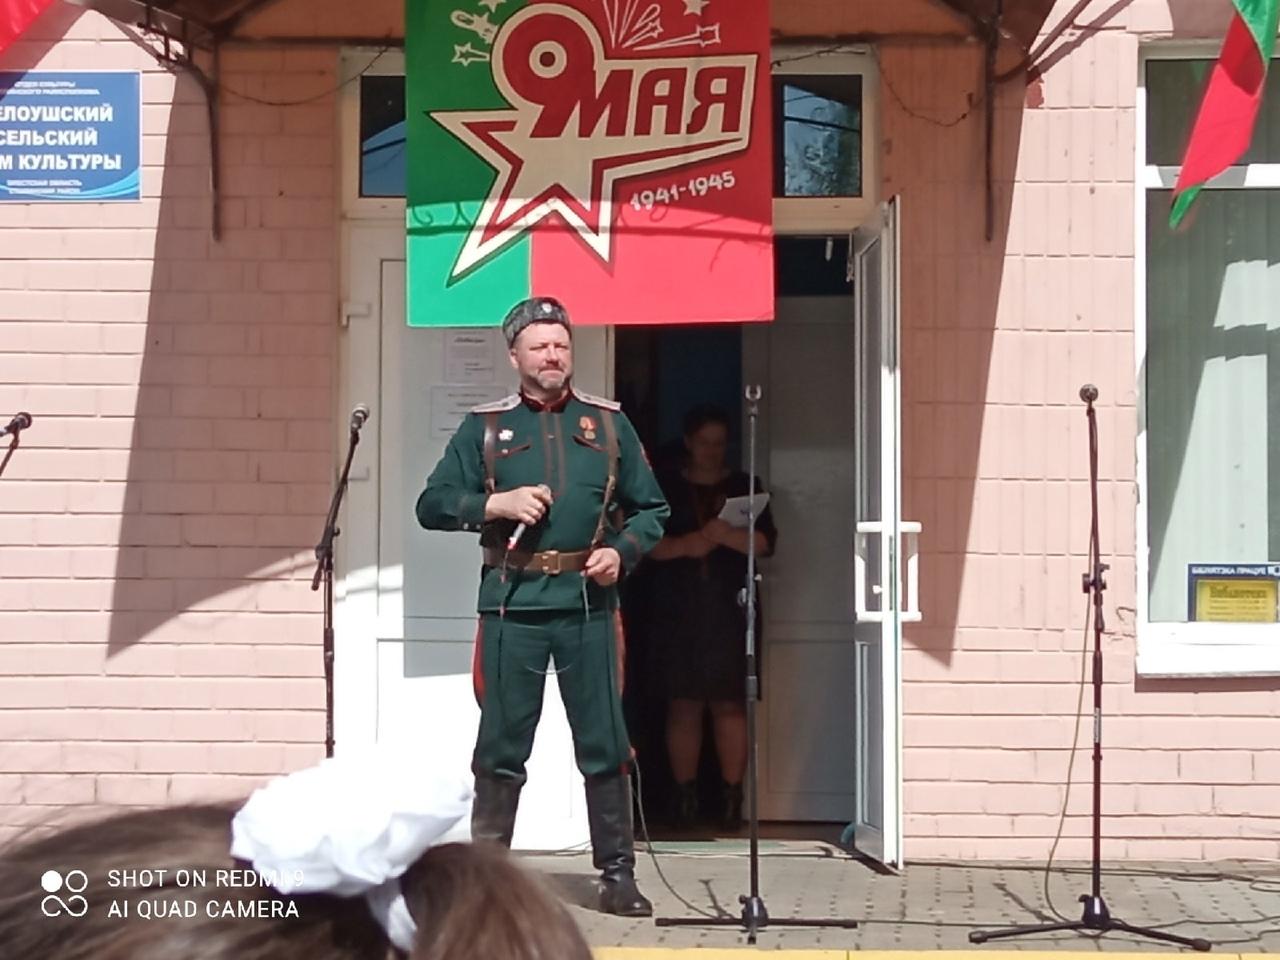 Alexander Baranovskij, leder af kosakgrenen i Stolin